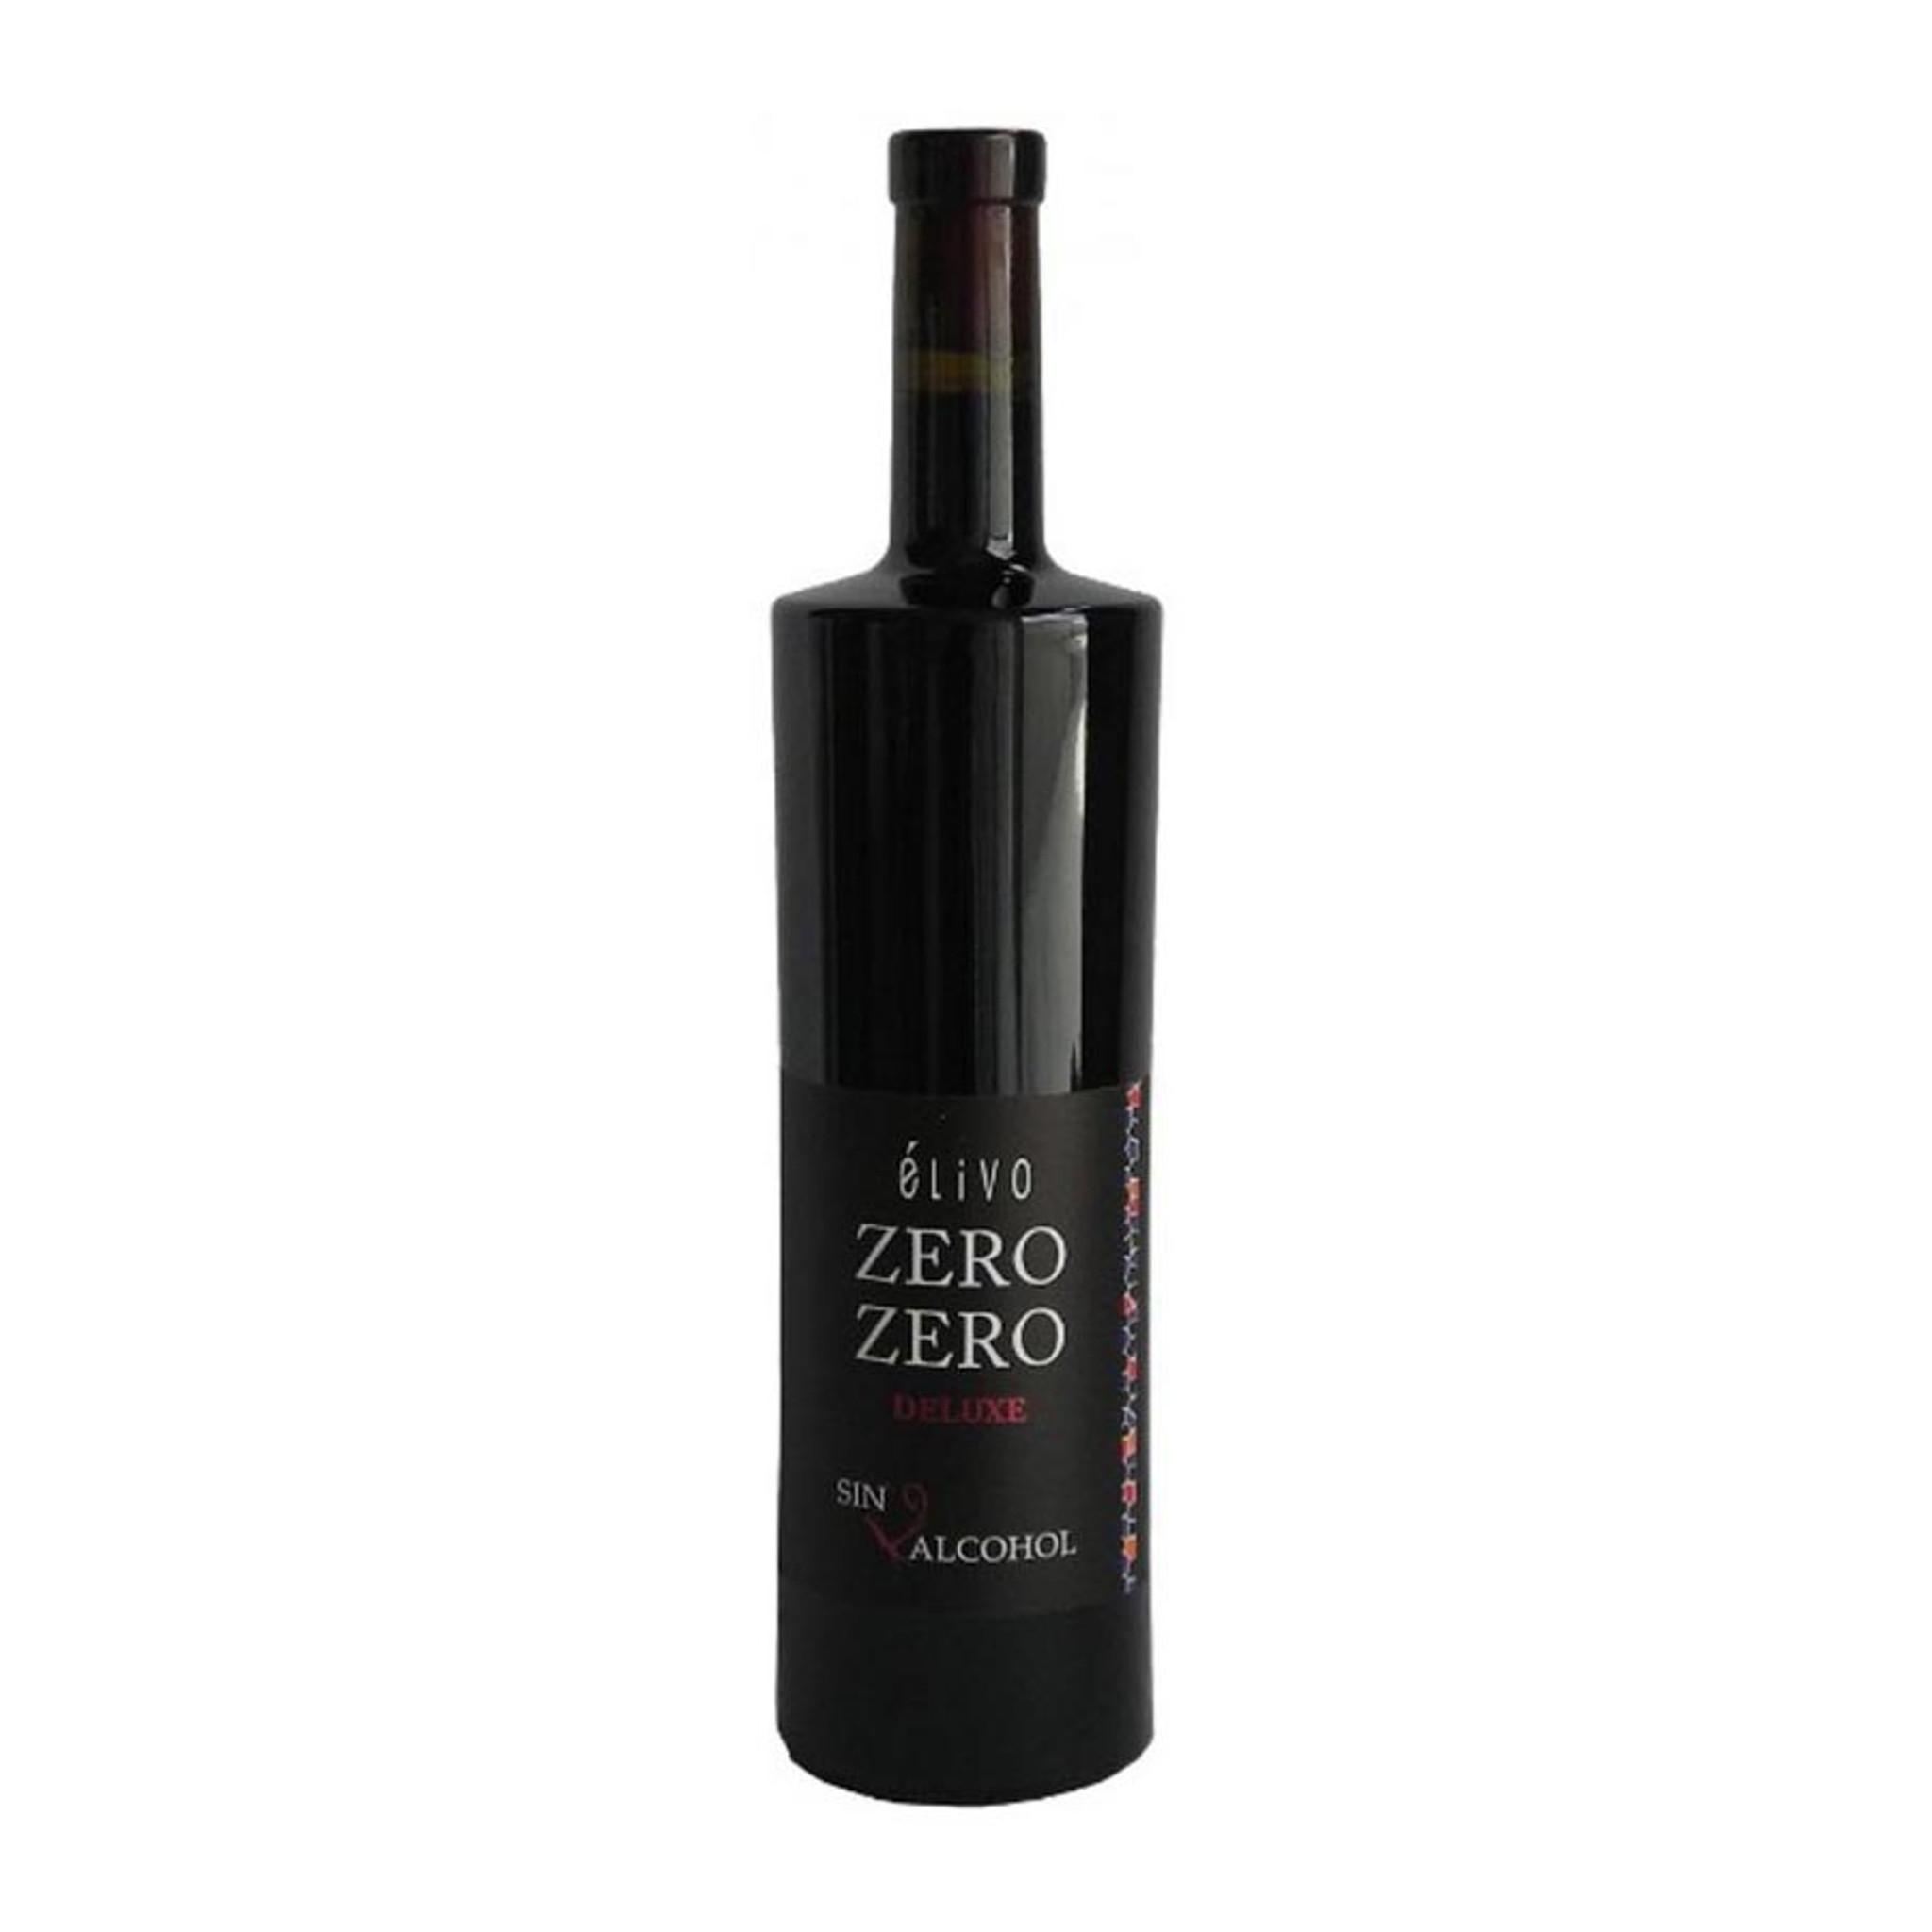 Elivo Zero Zero Deluxe Alcohol Free Red Wine 750ml